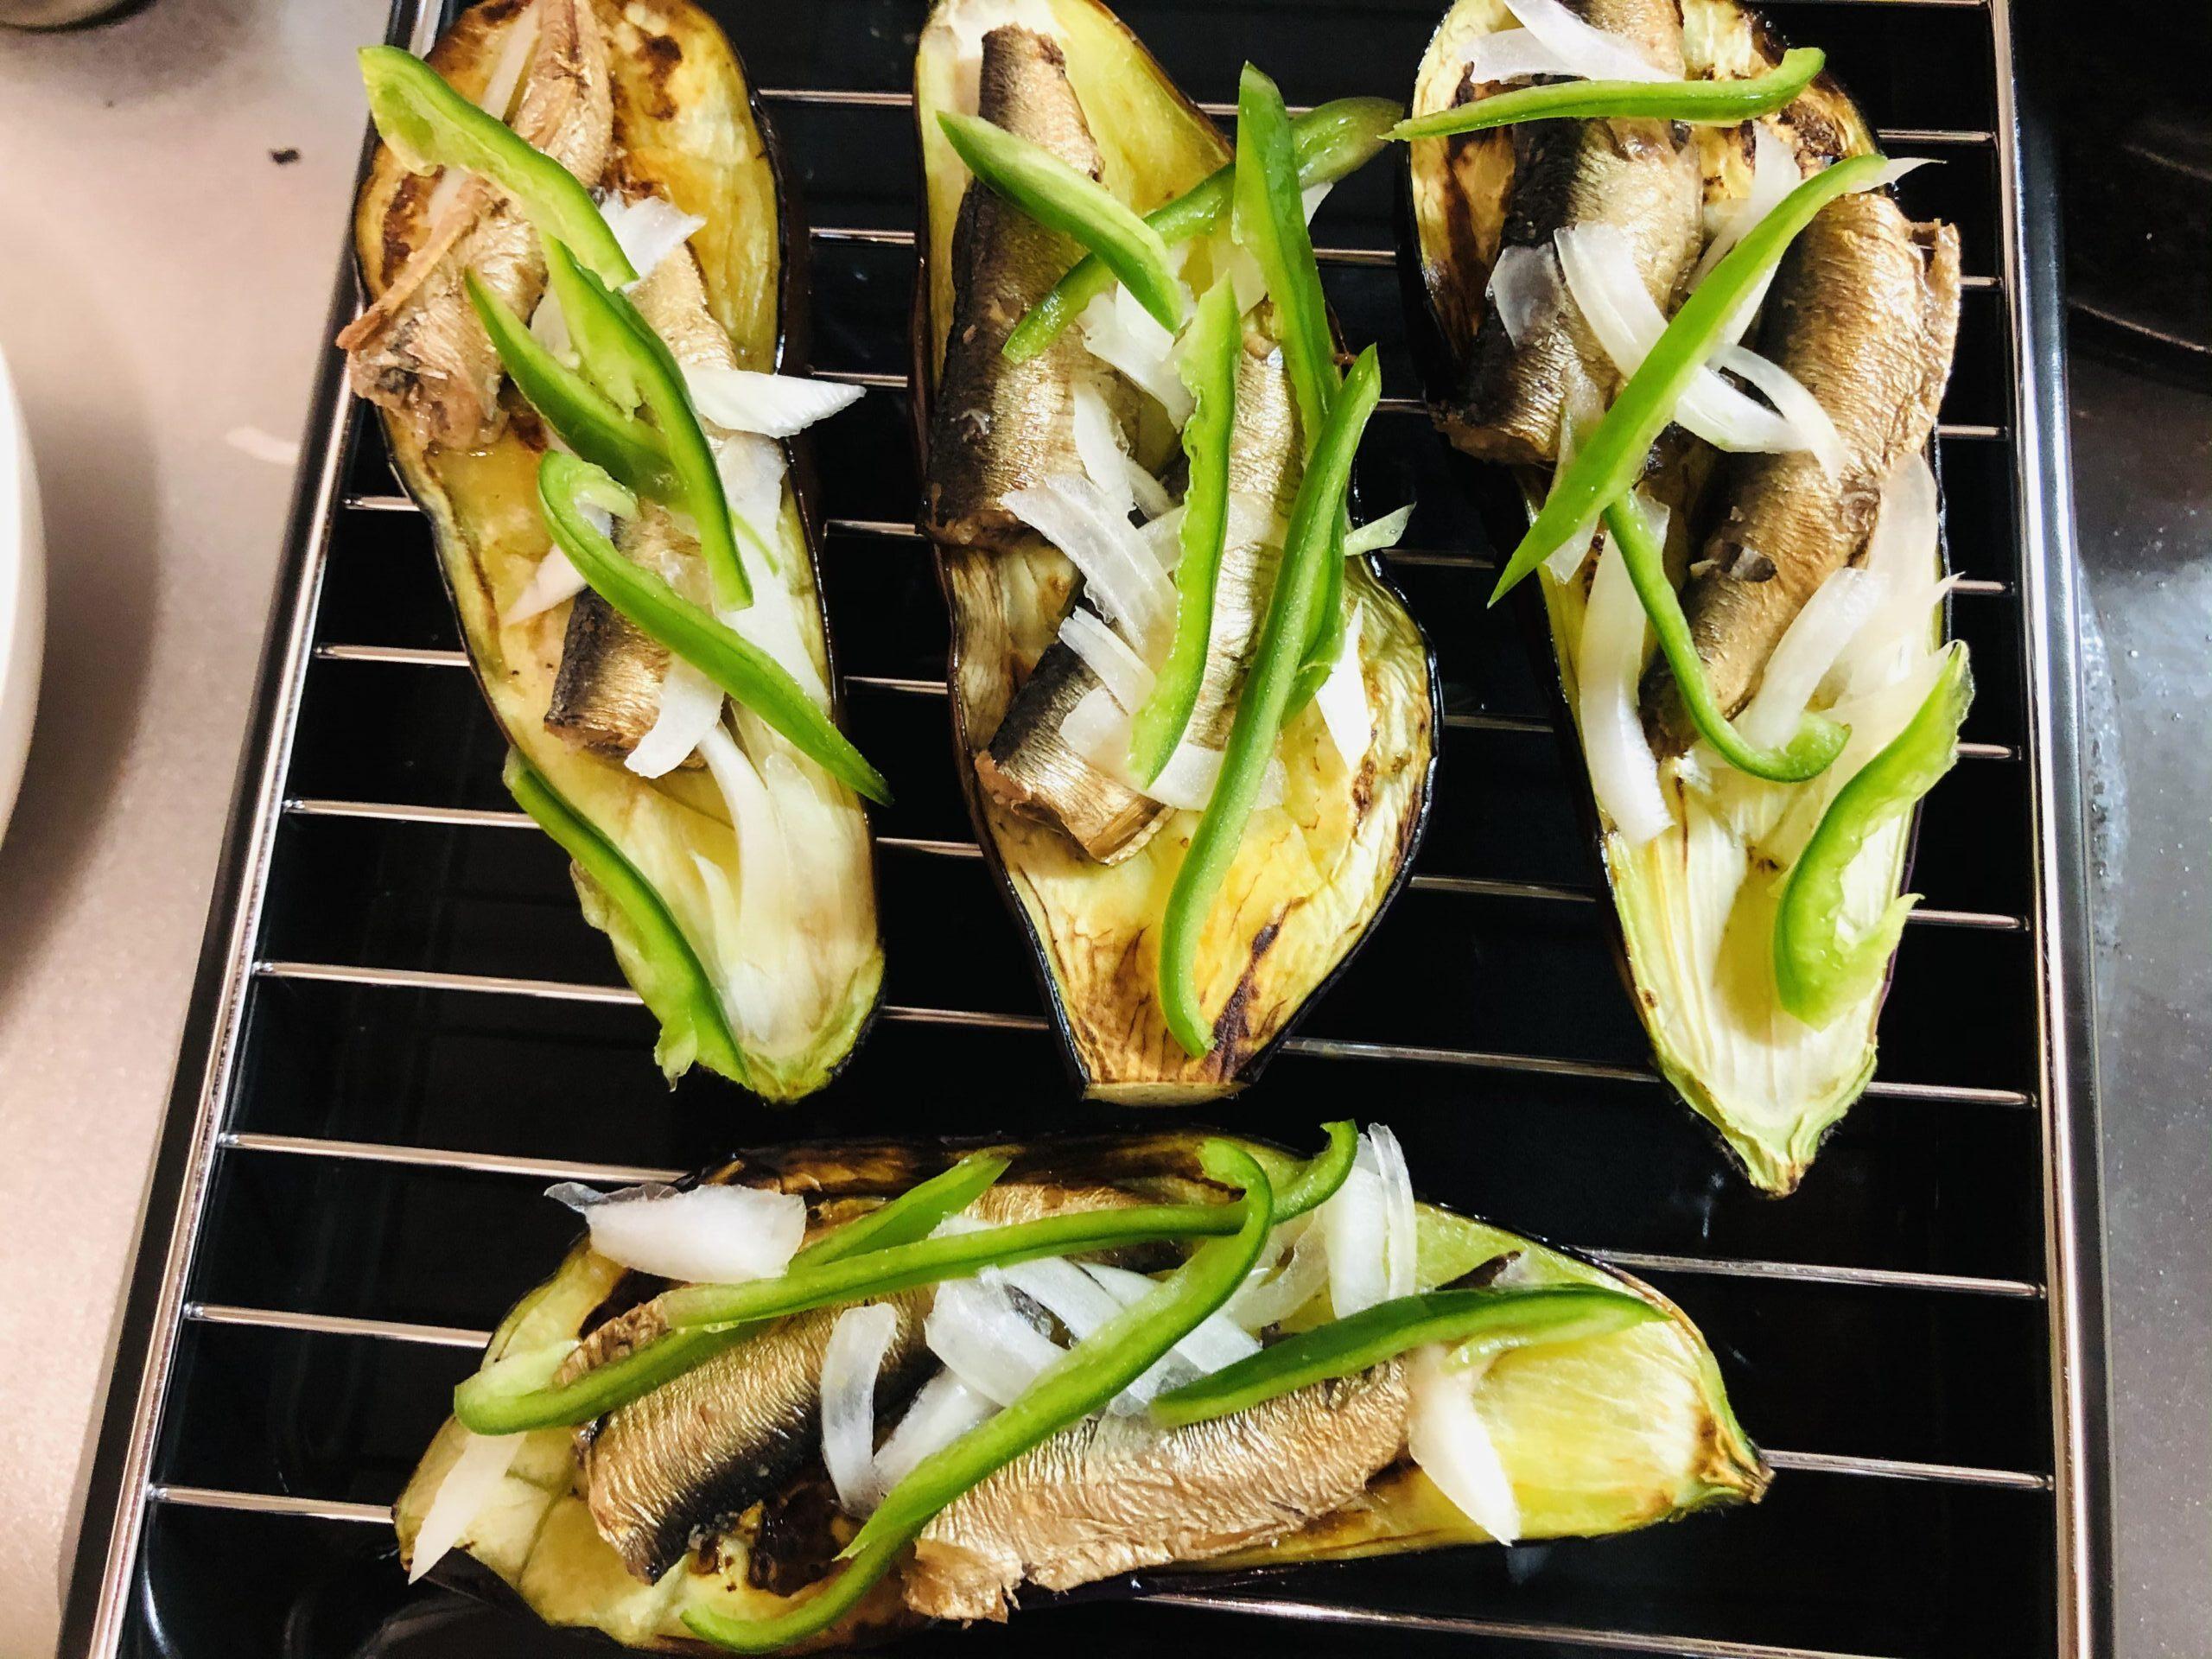 魚焼きグリルに先程焼いたナスをのせ、スモークオイルサーディン、玉ねぎスライス、細切りピーマンを載せた様子の画像です